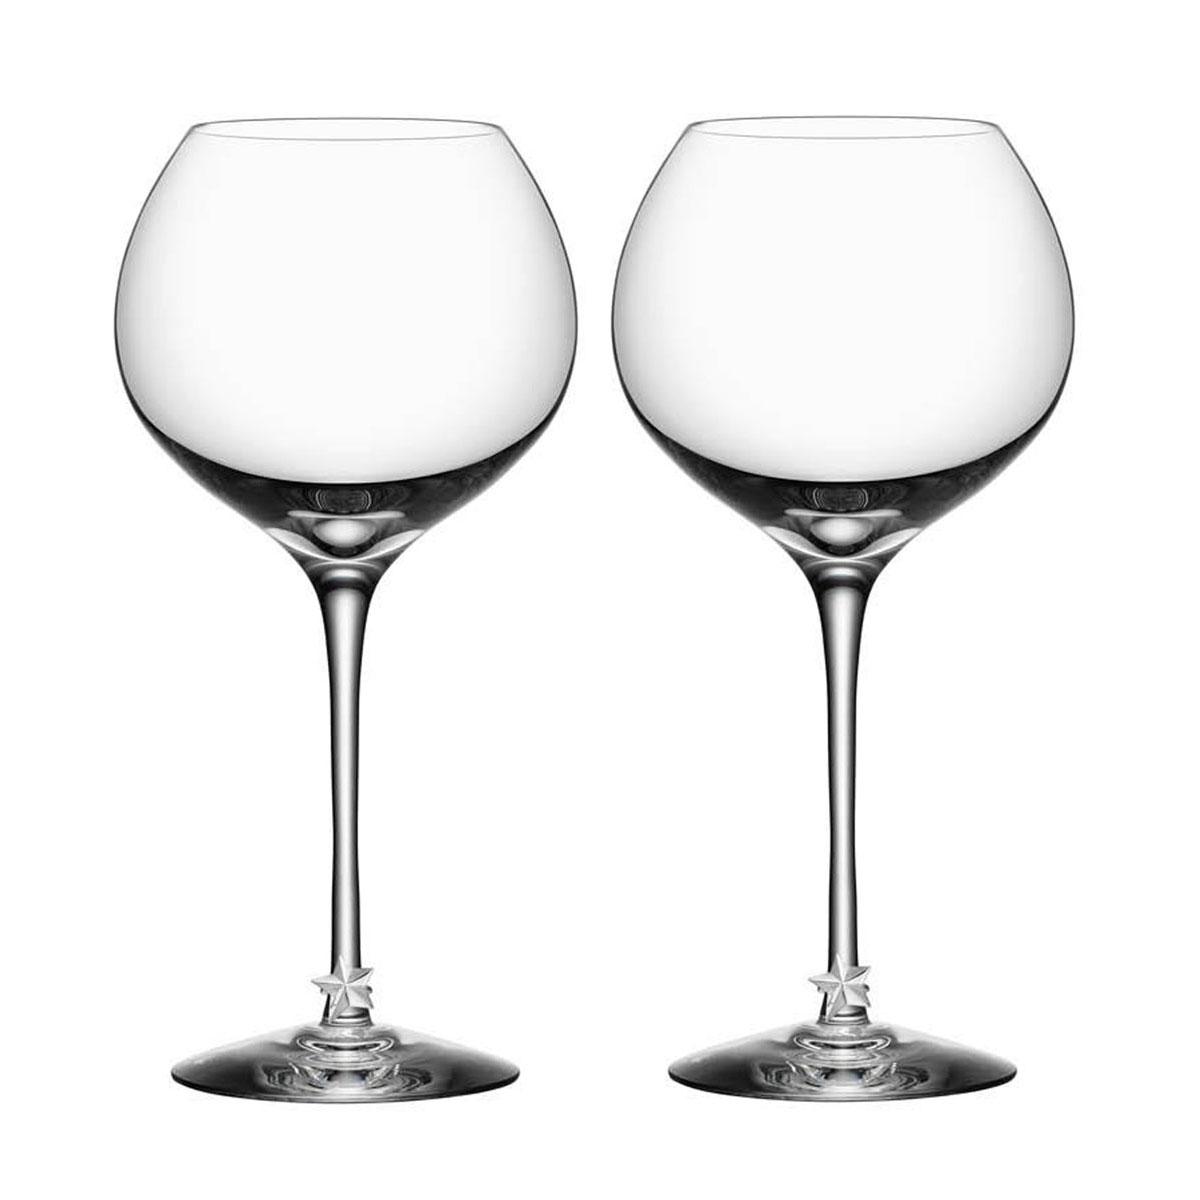 Orrefors Crystal, Star Crystal Wine Glasses, Pair